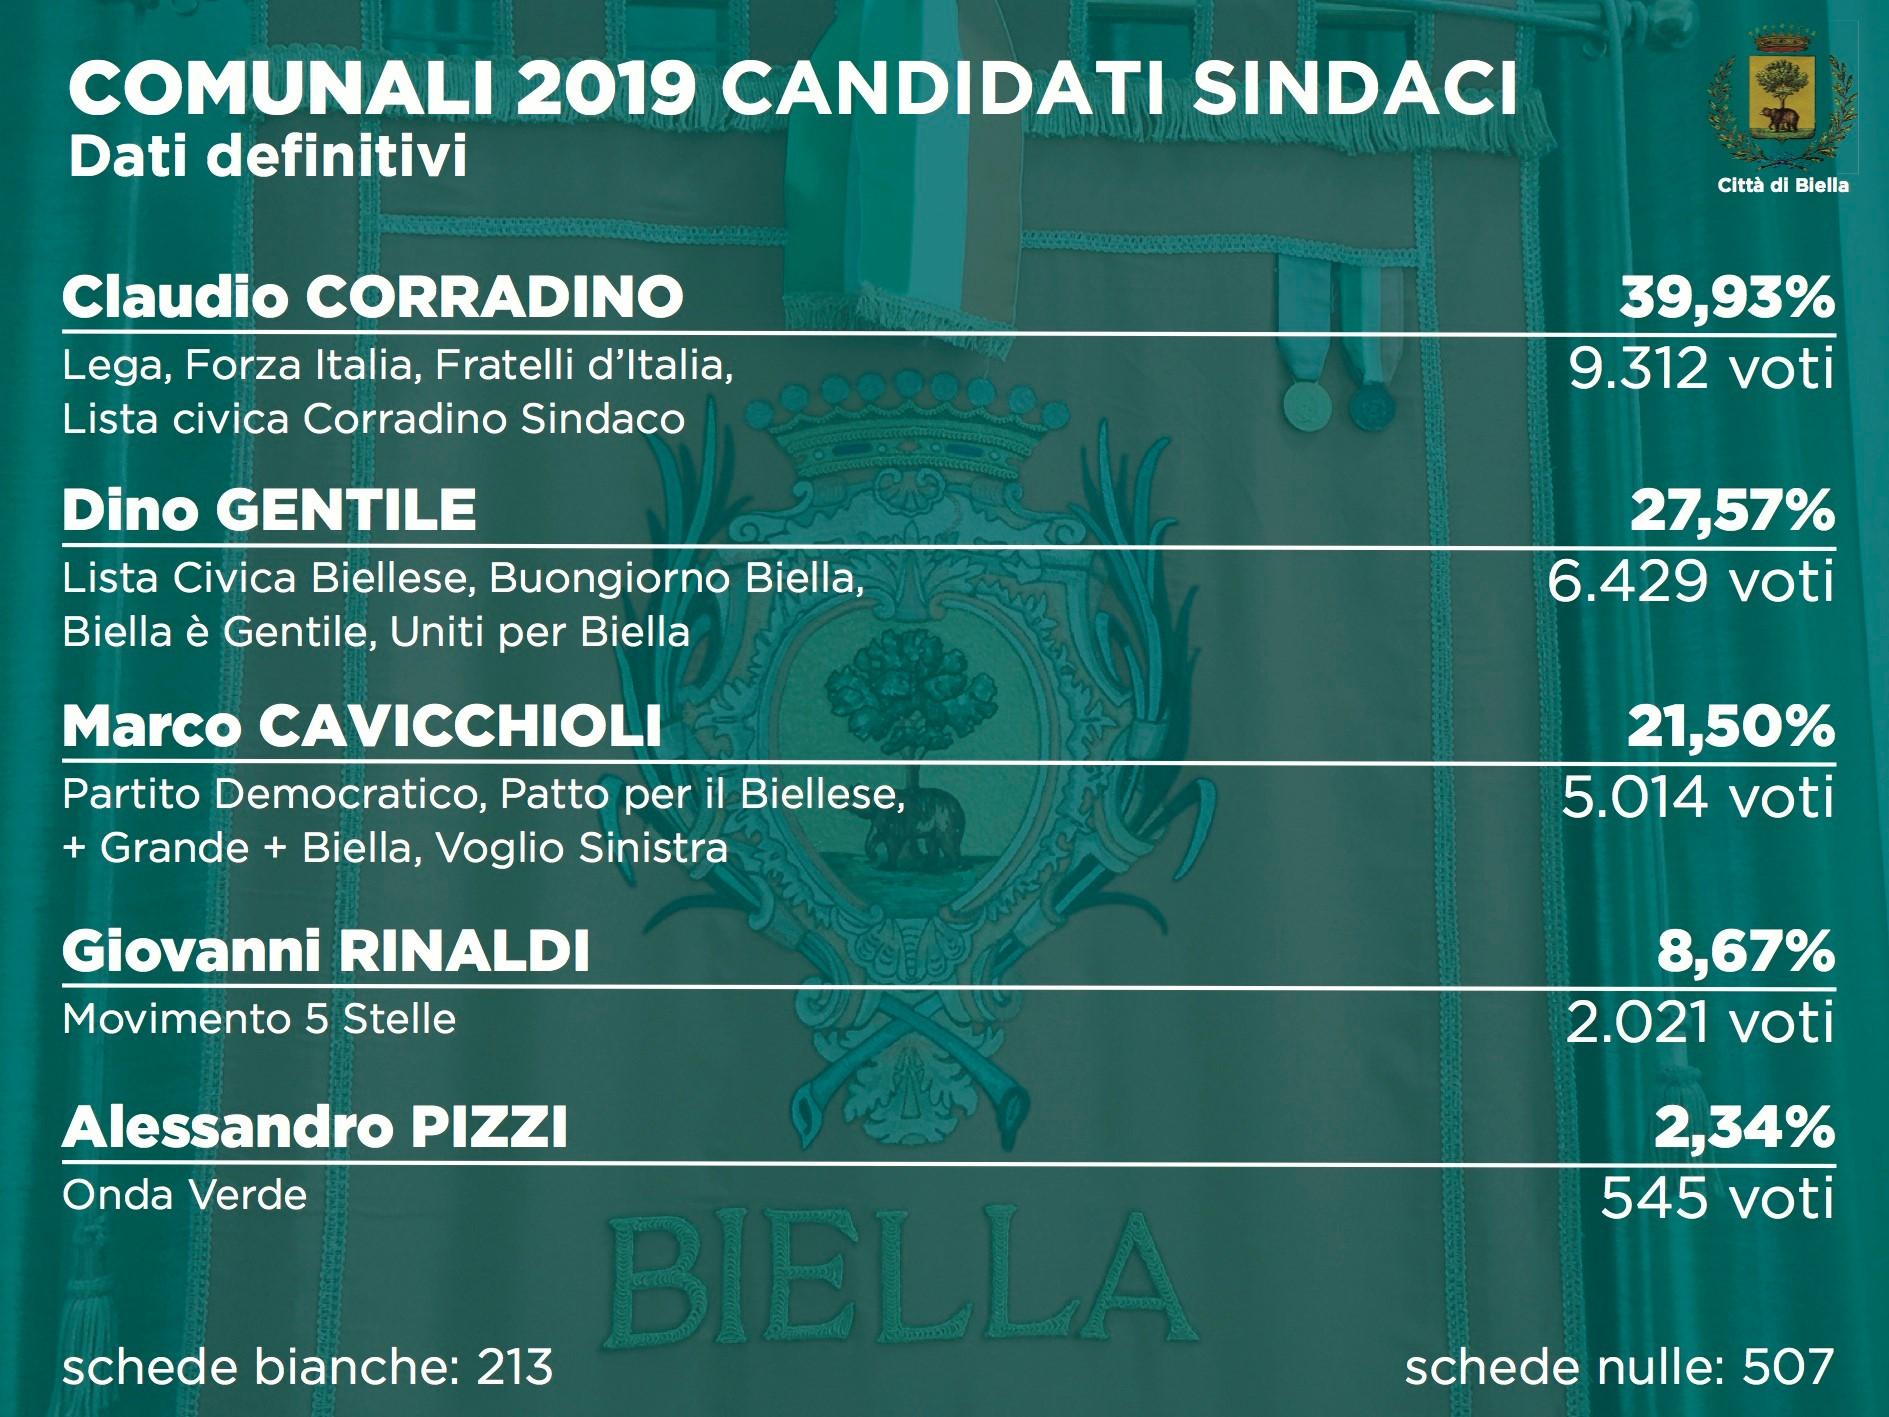 Elezioni 2019, i dati definitivi per i candidati sindaci